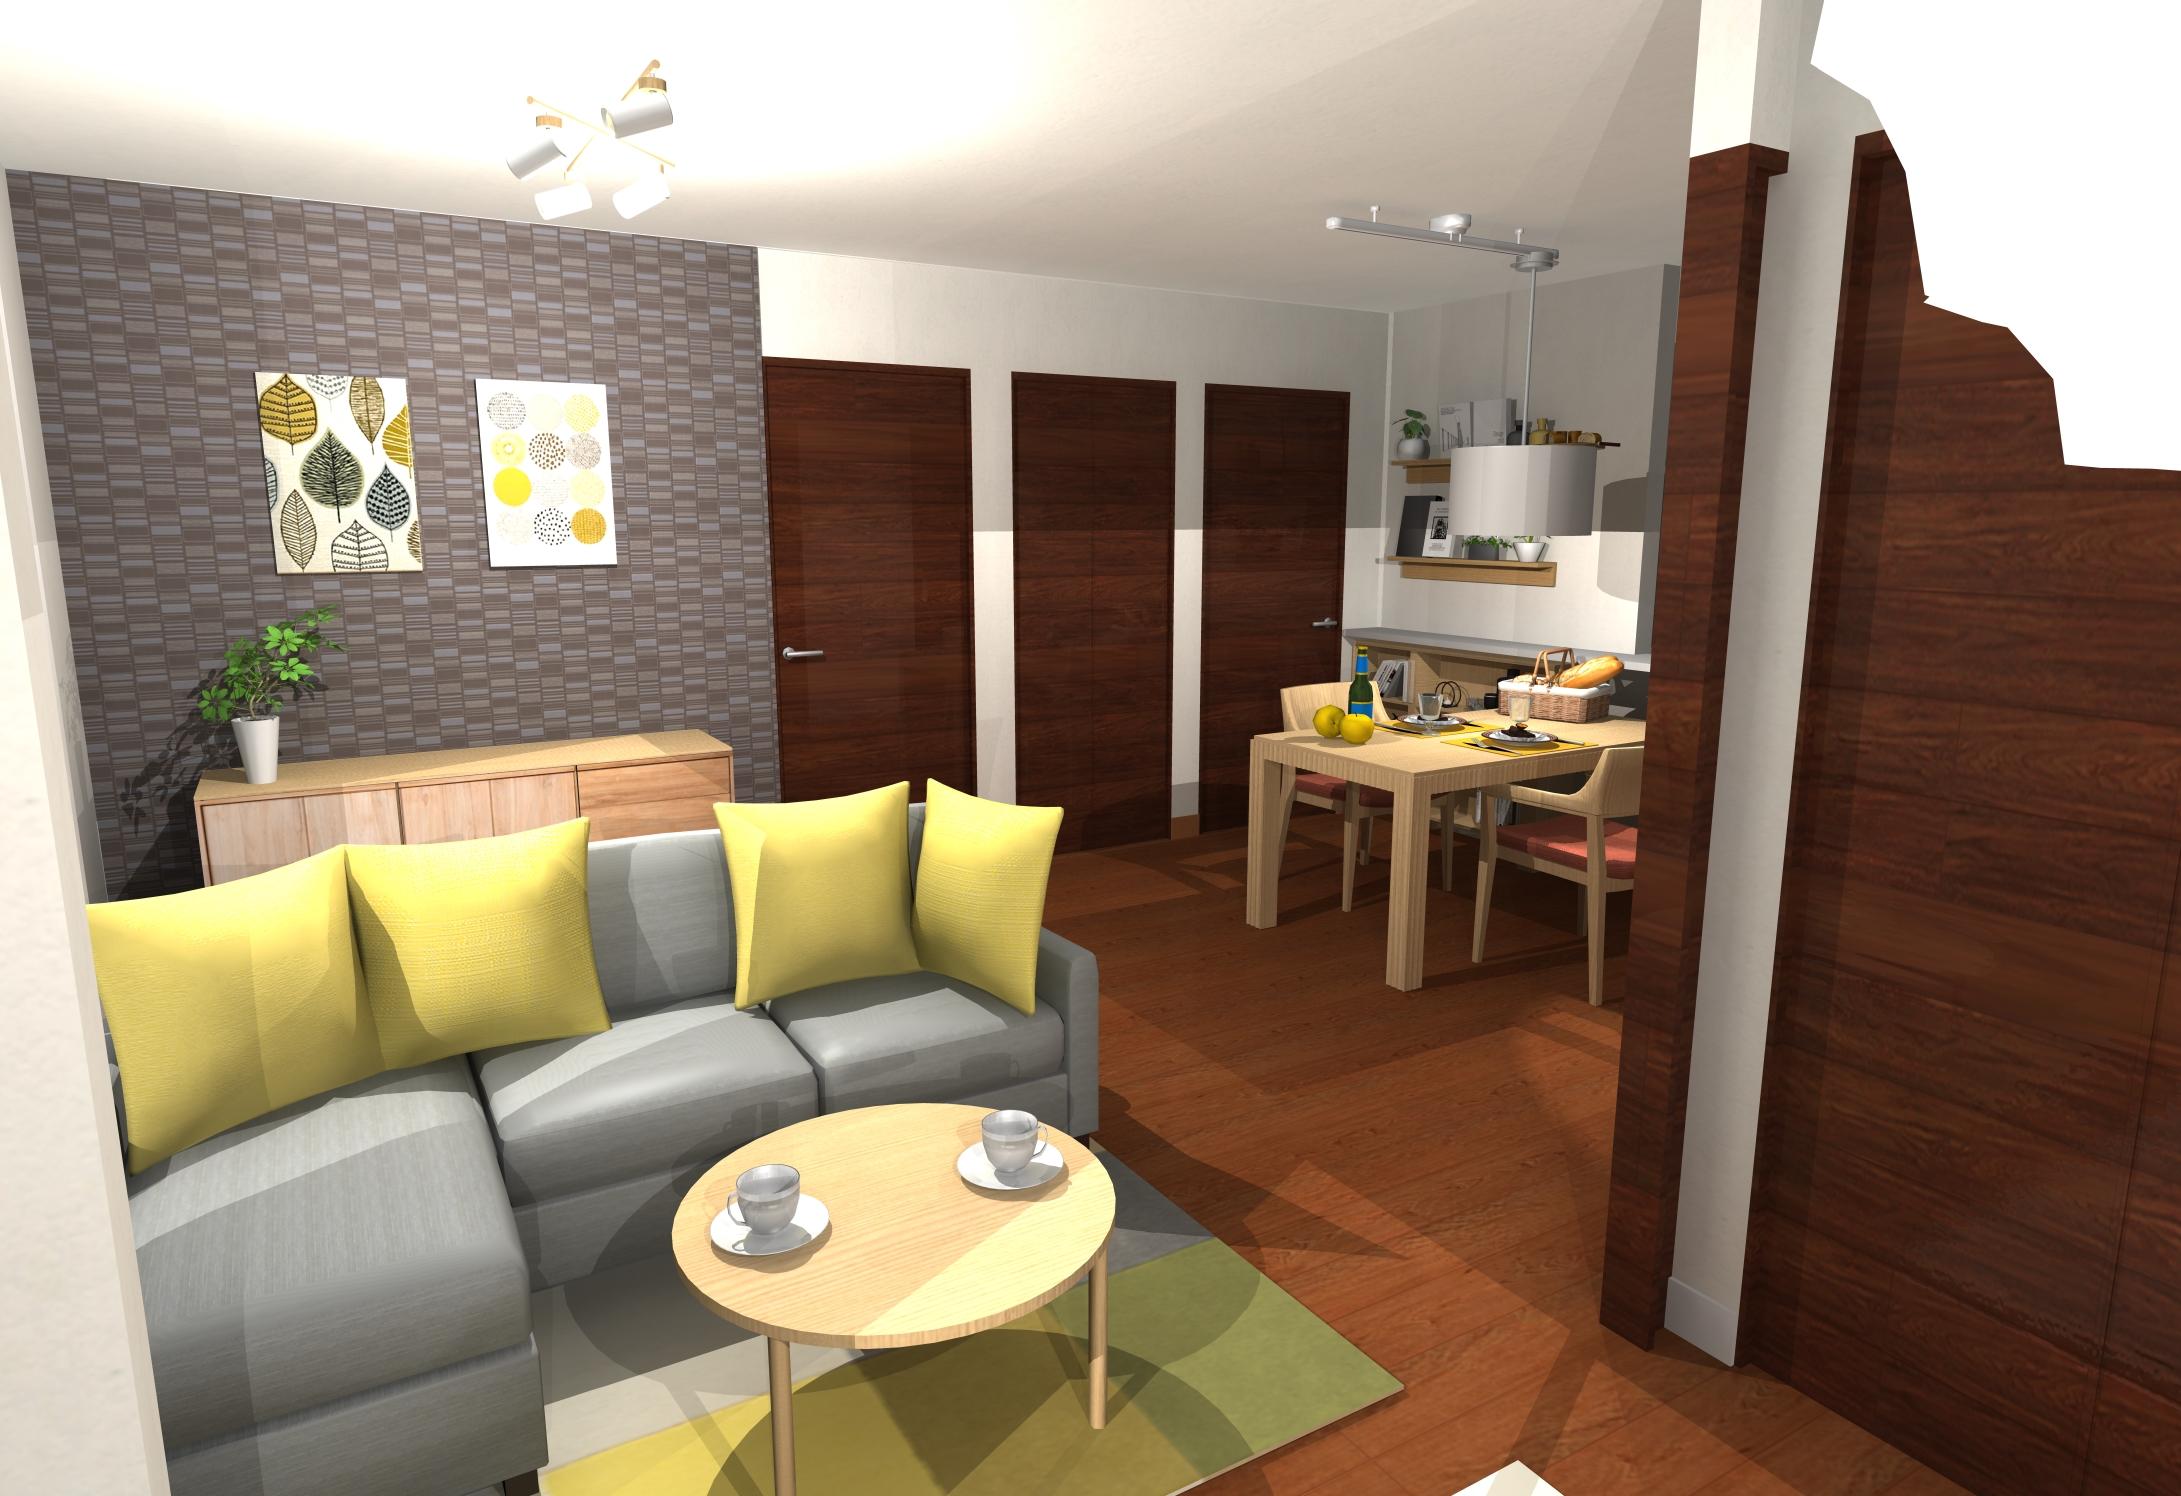 実は!家具配置、照明計画もされた落ち着つく北欧インテリア空間 ~ポイントカラー黄色~